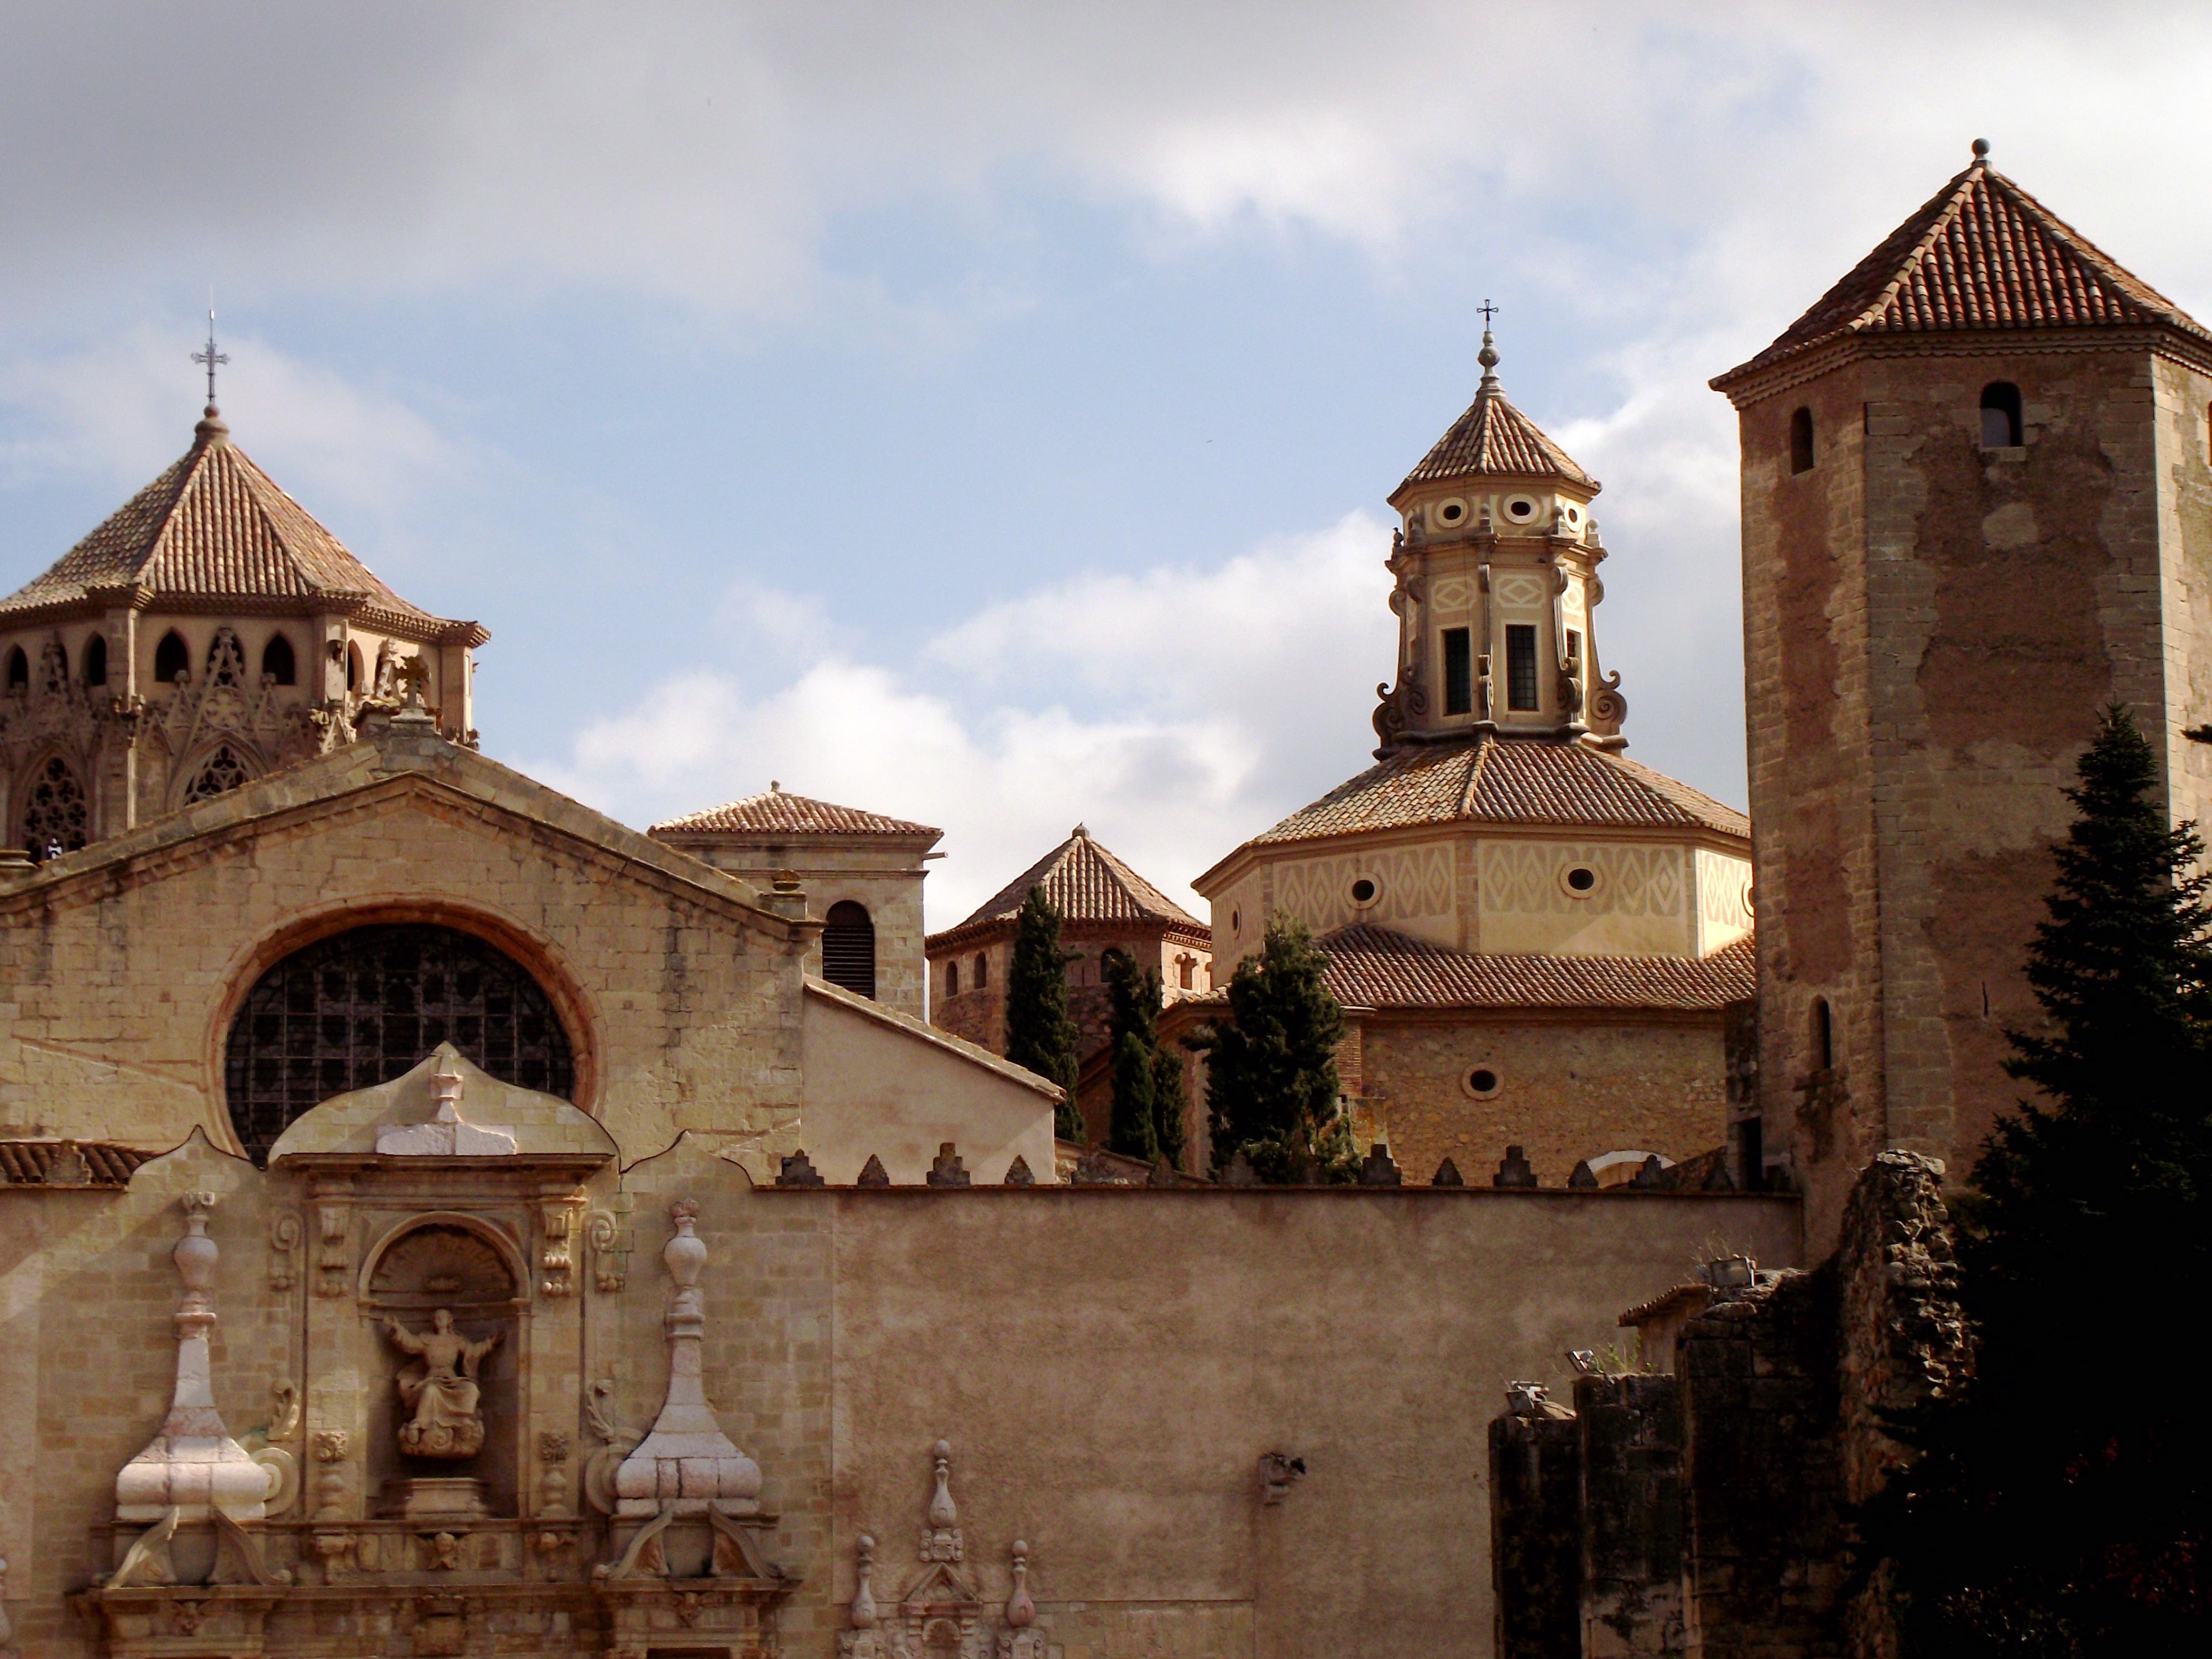 File:Reial Monestir de Santa Maria de Poblet (Vimbodí i Poblet) - 56.jpg - Wi...